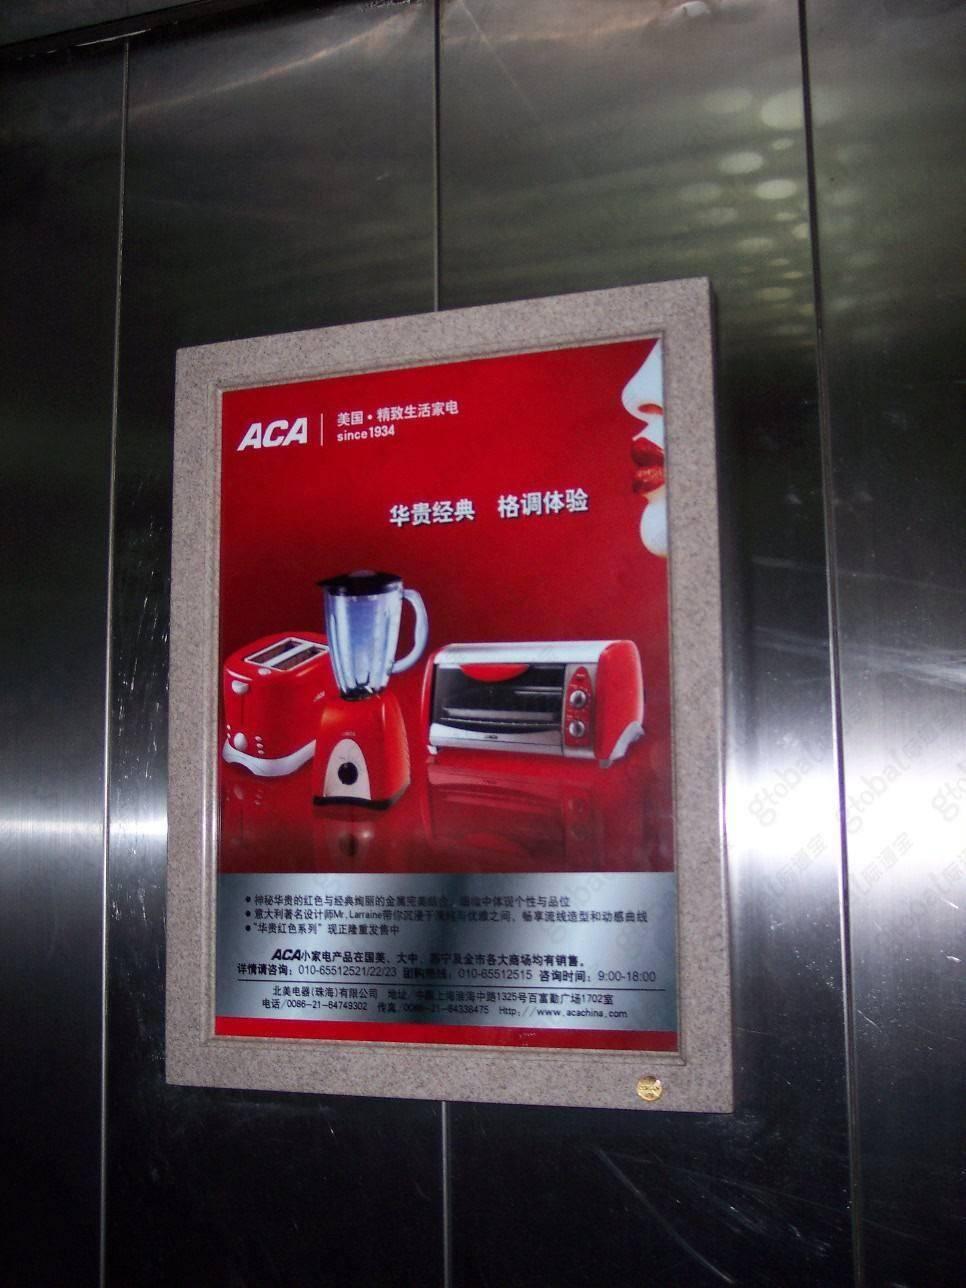 宜昌电梯广告公司广告牌框架3.0投放(100框起投)